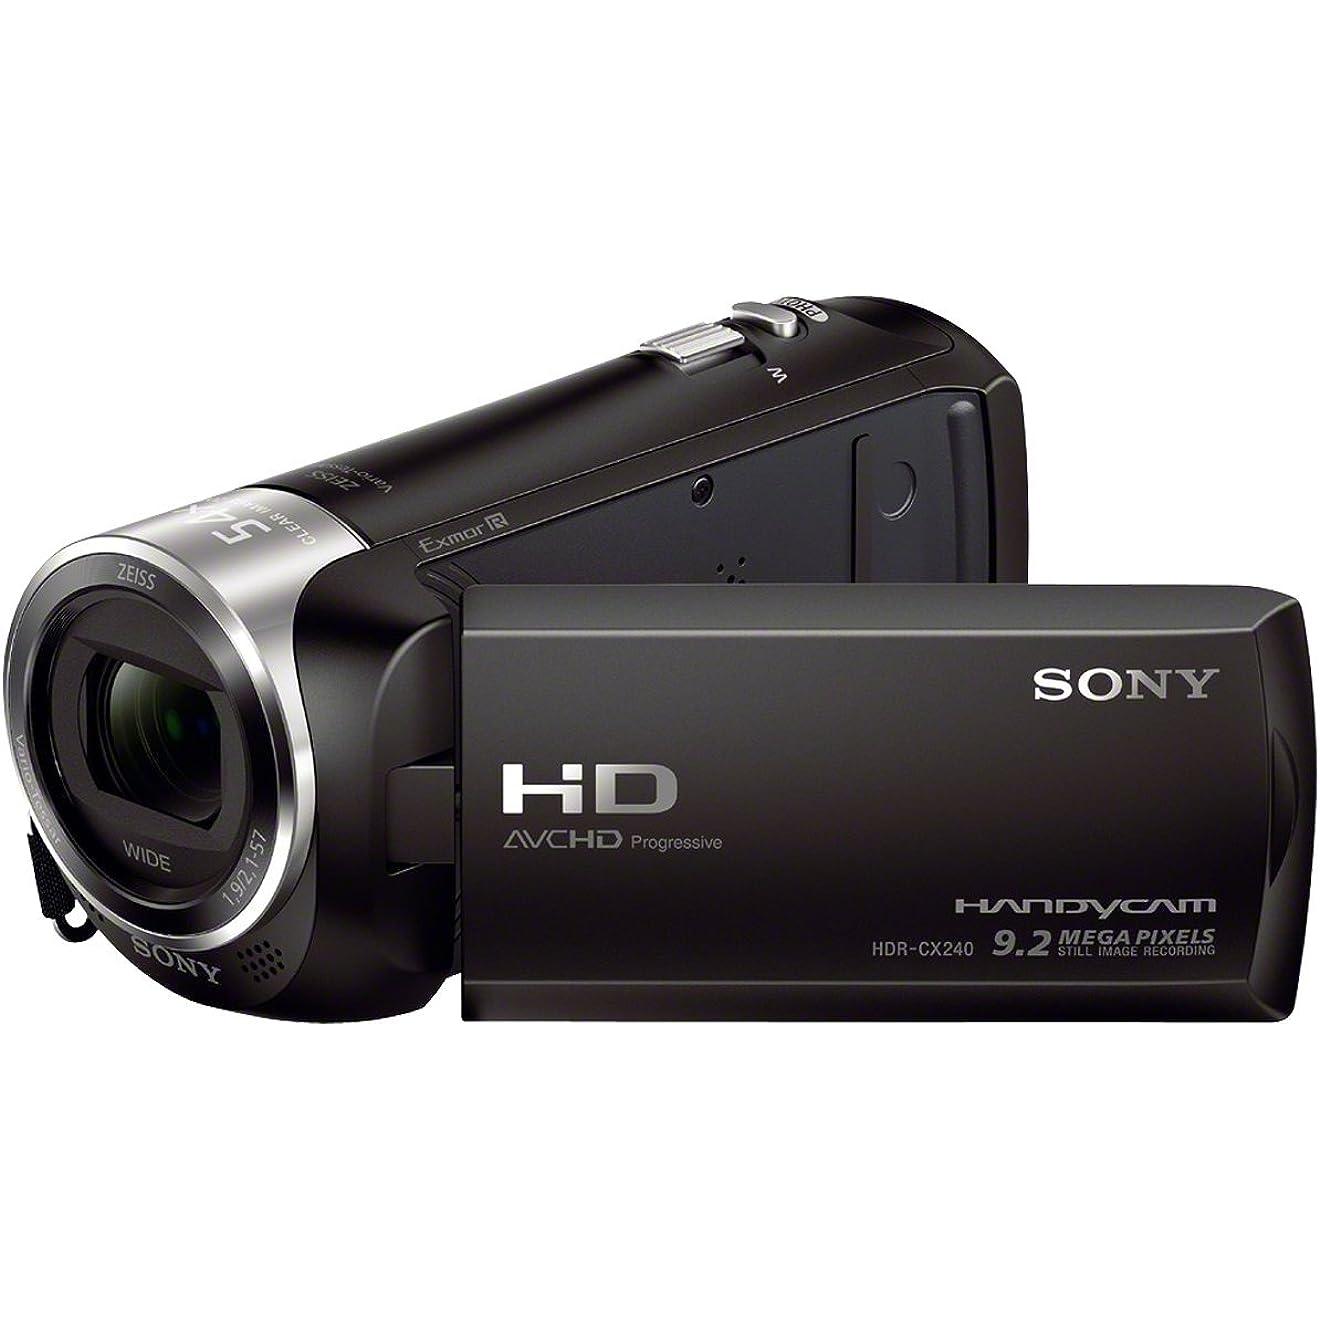 Einen guten Camcorder bekommen Sie bei der Marke Sony.